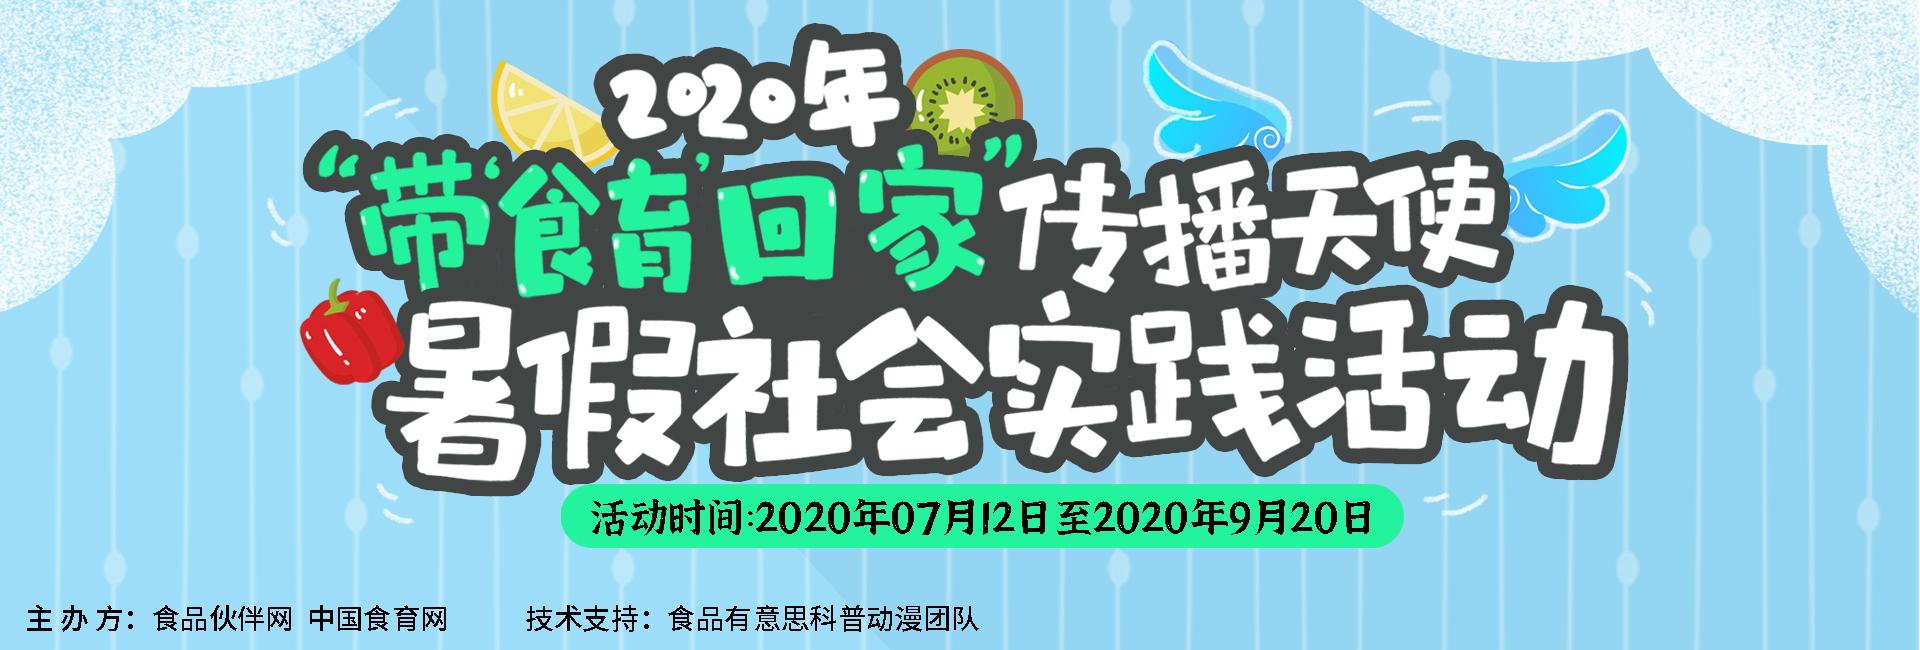 """2020年""""带'食育'回家""""  传播天使 暑假社会实践活动 专题"""